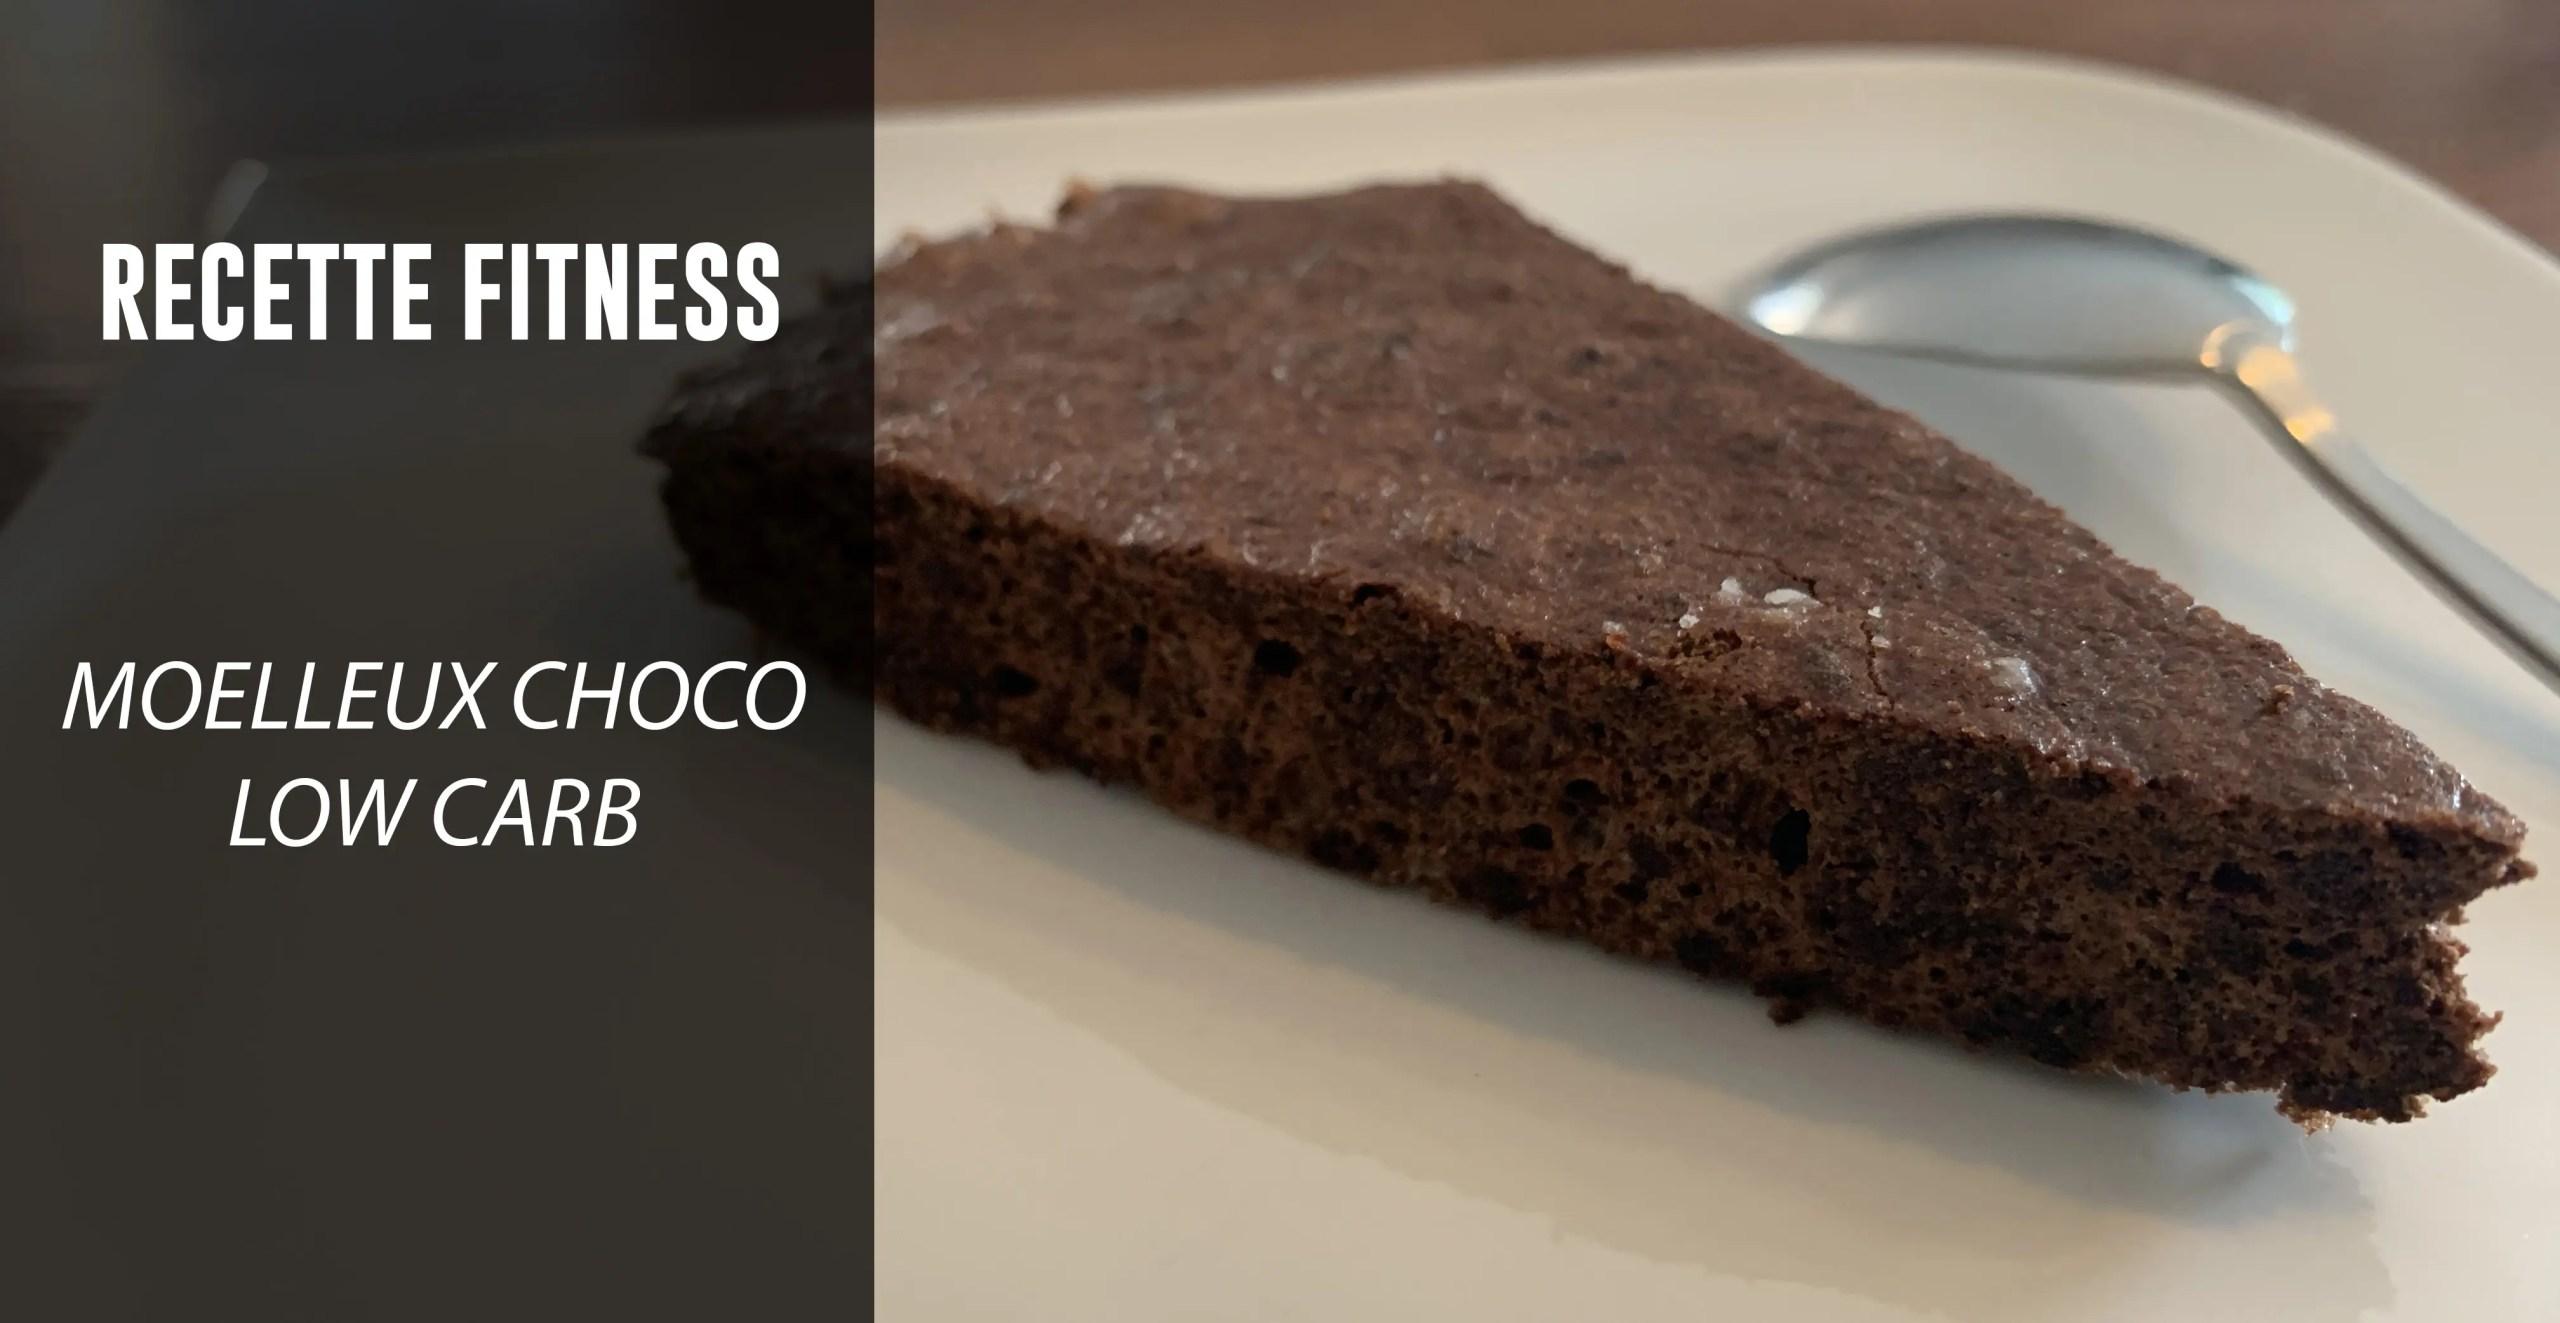 Recette fitness: Moelleux au chocolat pauvre en glucides